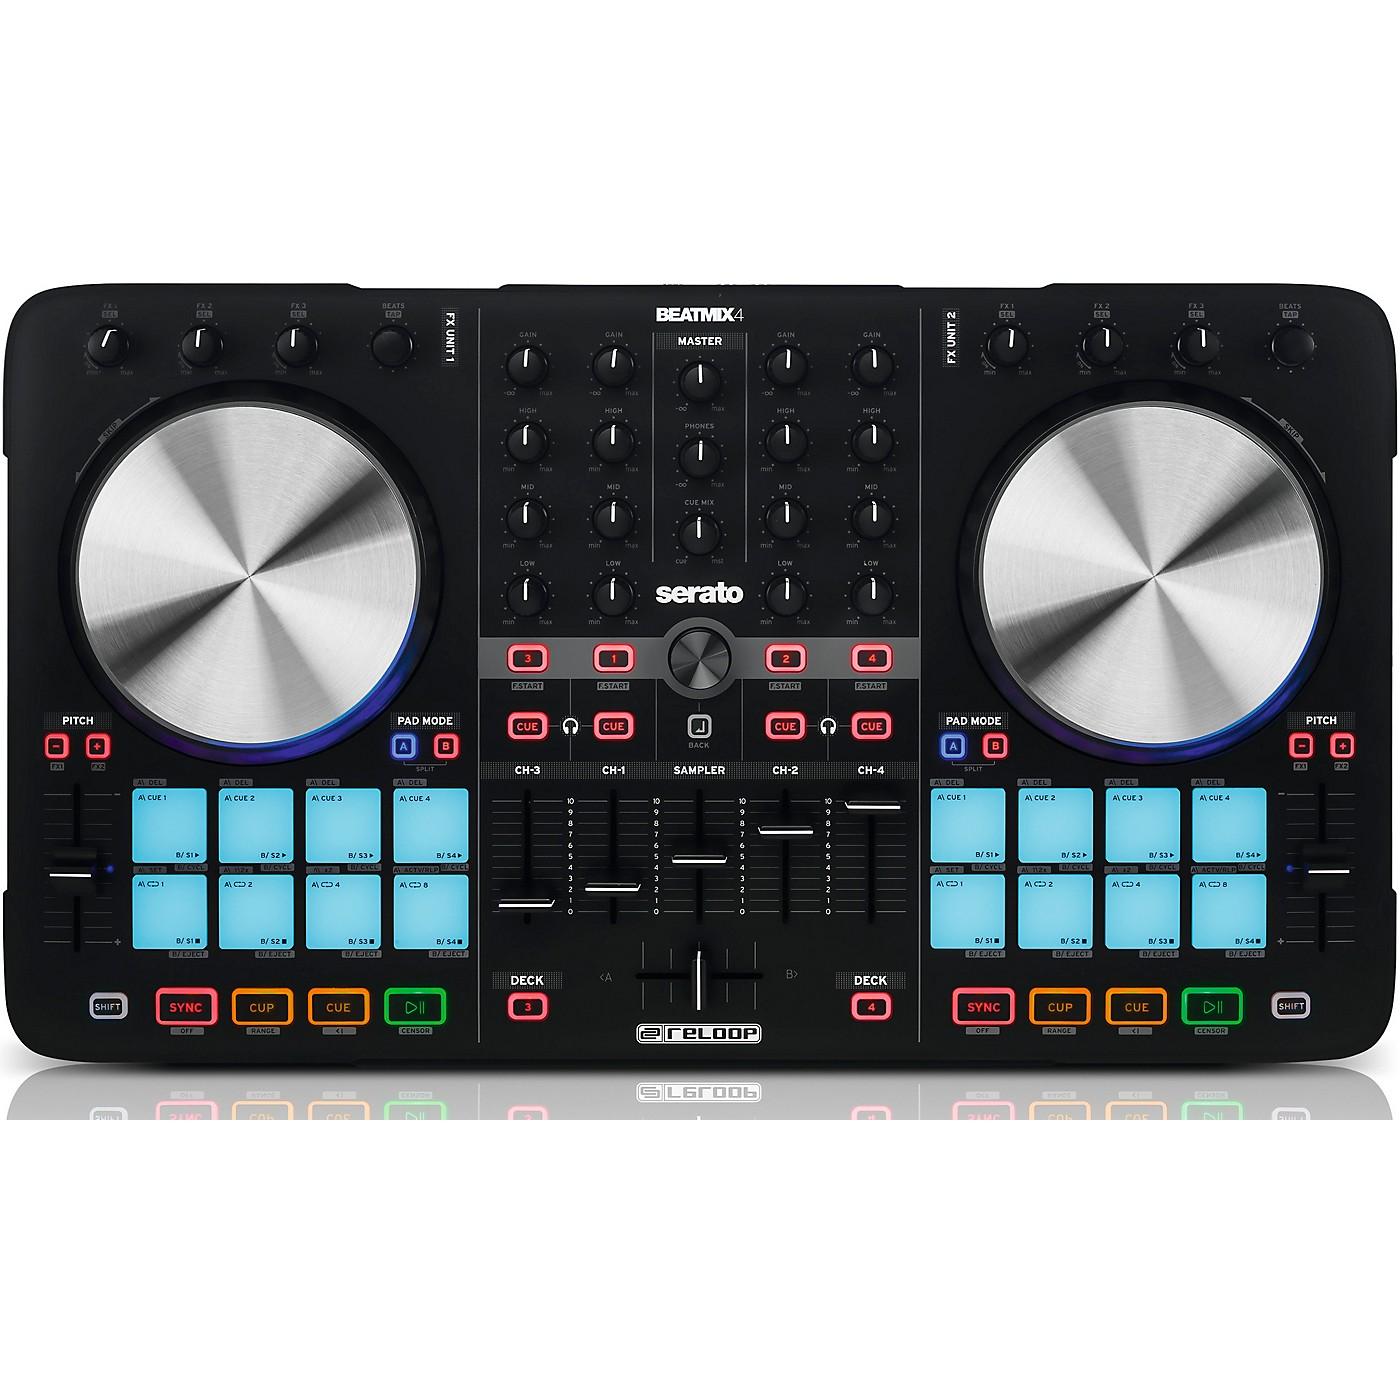 Reloop Beatmix 4 MK2 DJ Controller thumbnail